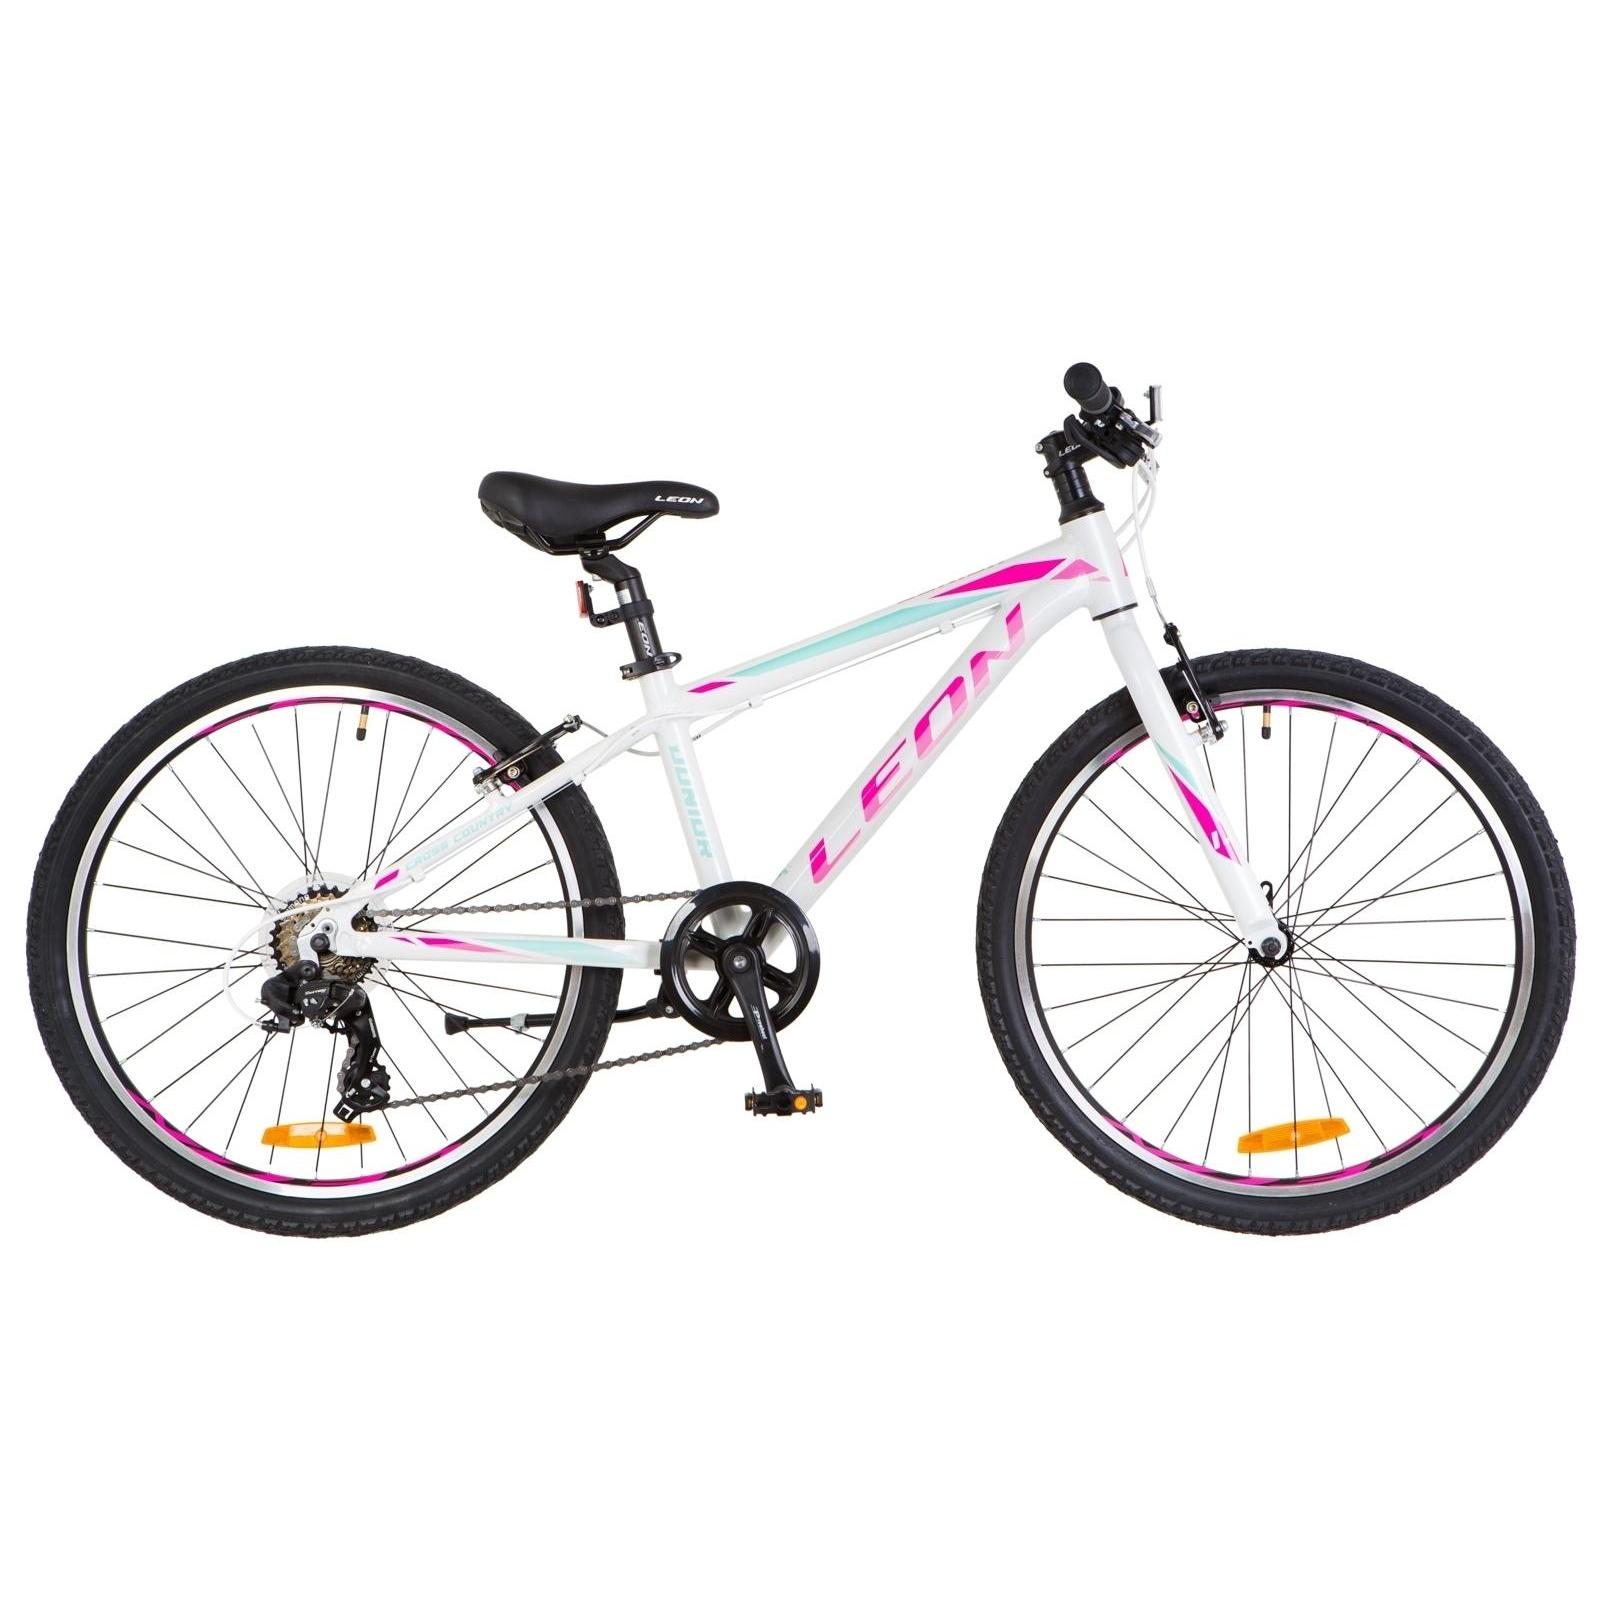 """Велосипед Leon 24"""" JUNIOR 2018 AM 14G Vbr рама-12,5"""" Al бело-малиновый (OPS-LN-24-017)"""